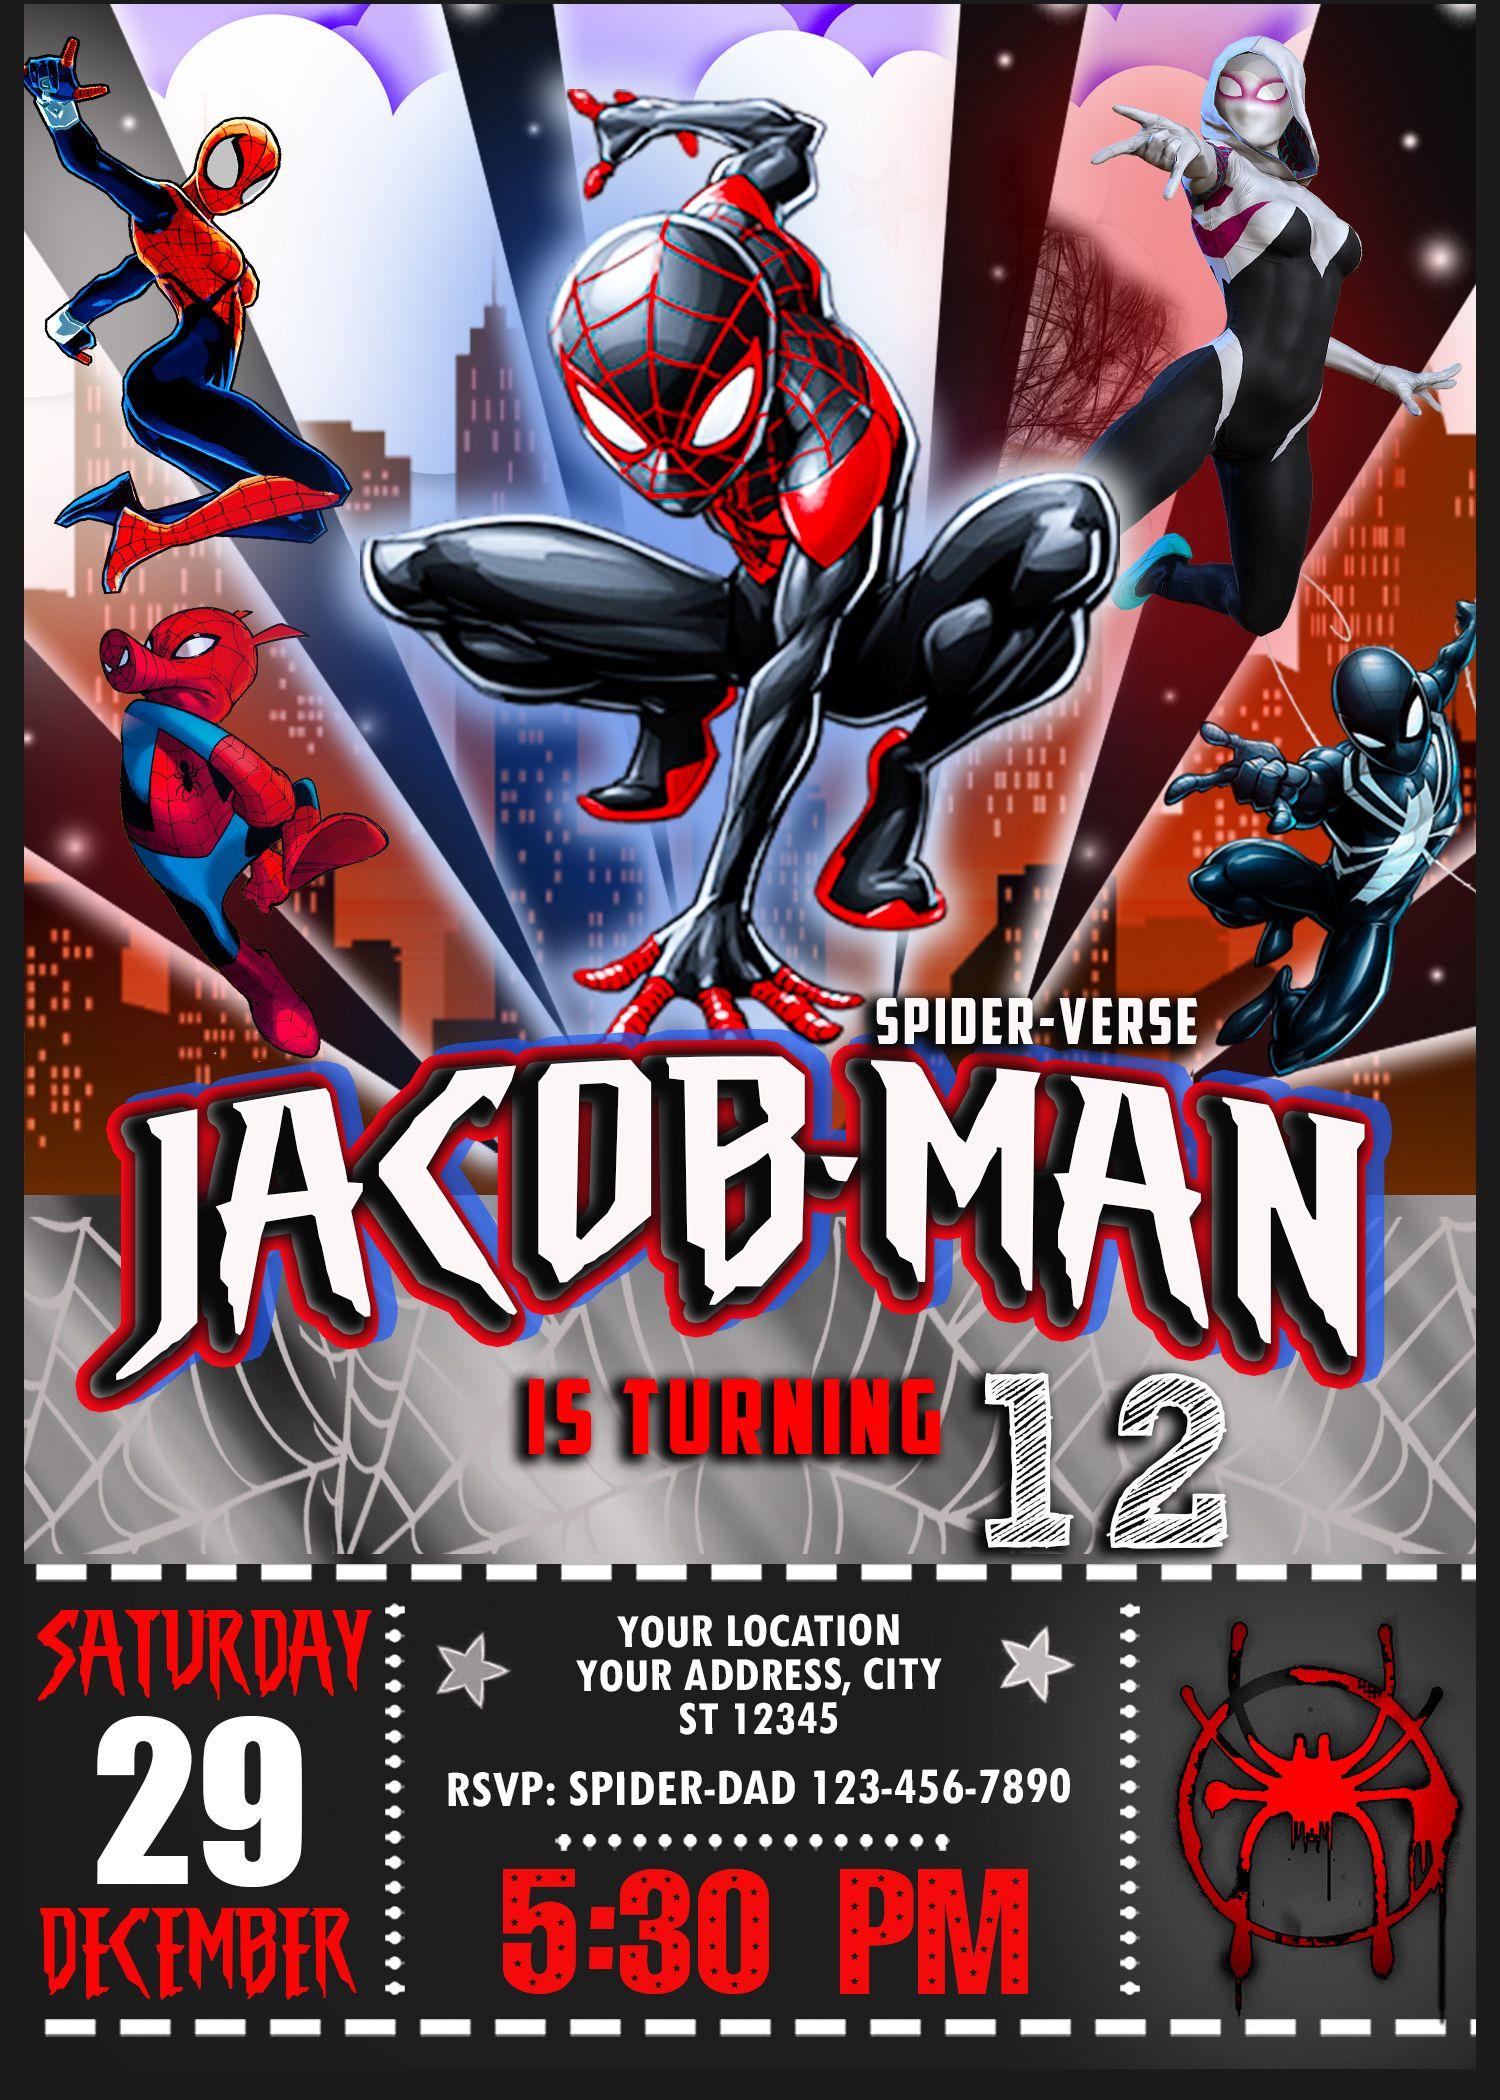 Spider Man Into The Spider Verse Birthday Invitation 2 Amazing Designs Us Spiderman Birthday Invitations Spiderman Birthday Superhero Birthday Invitations